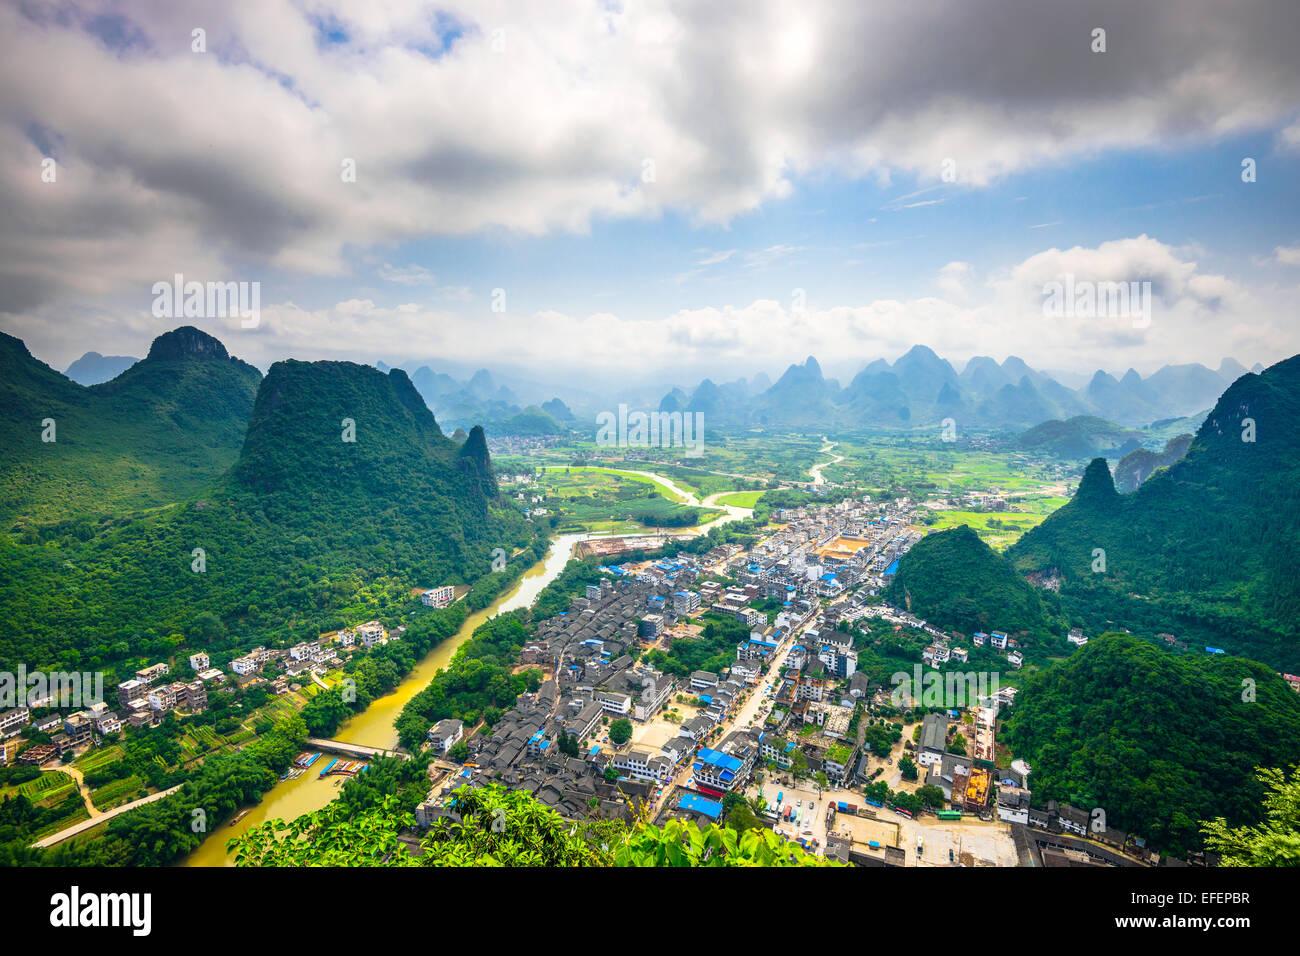 Paysage de montagnes karstiques sur la rivière Li dans les régions rurales de Guilin, Guangxi, Chine. Photo Stock